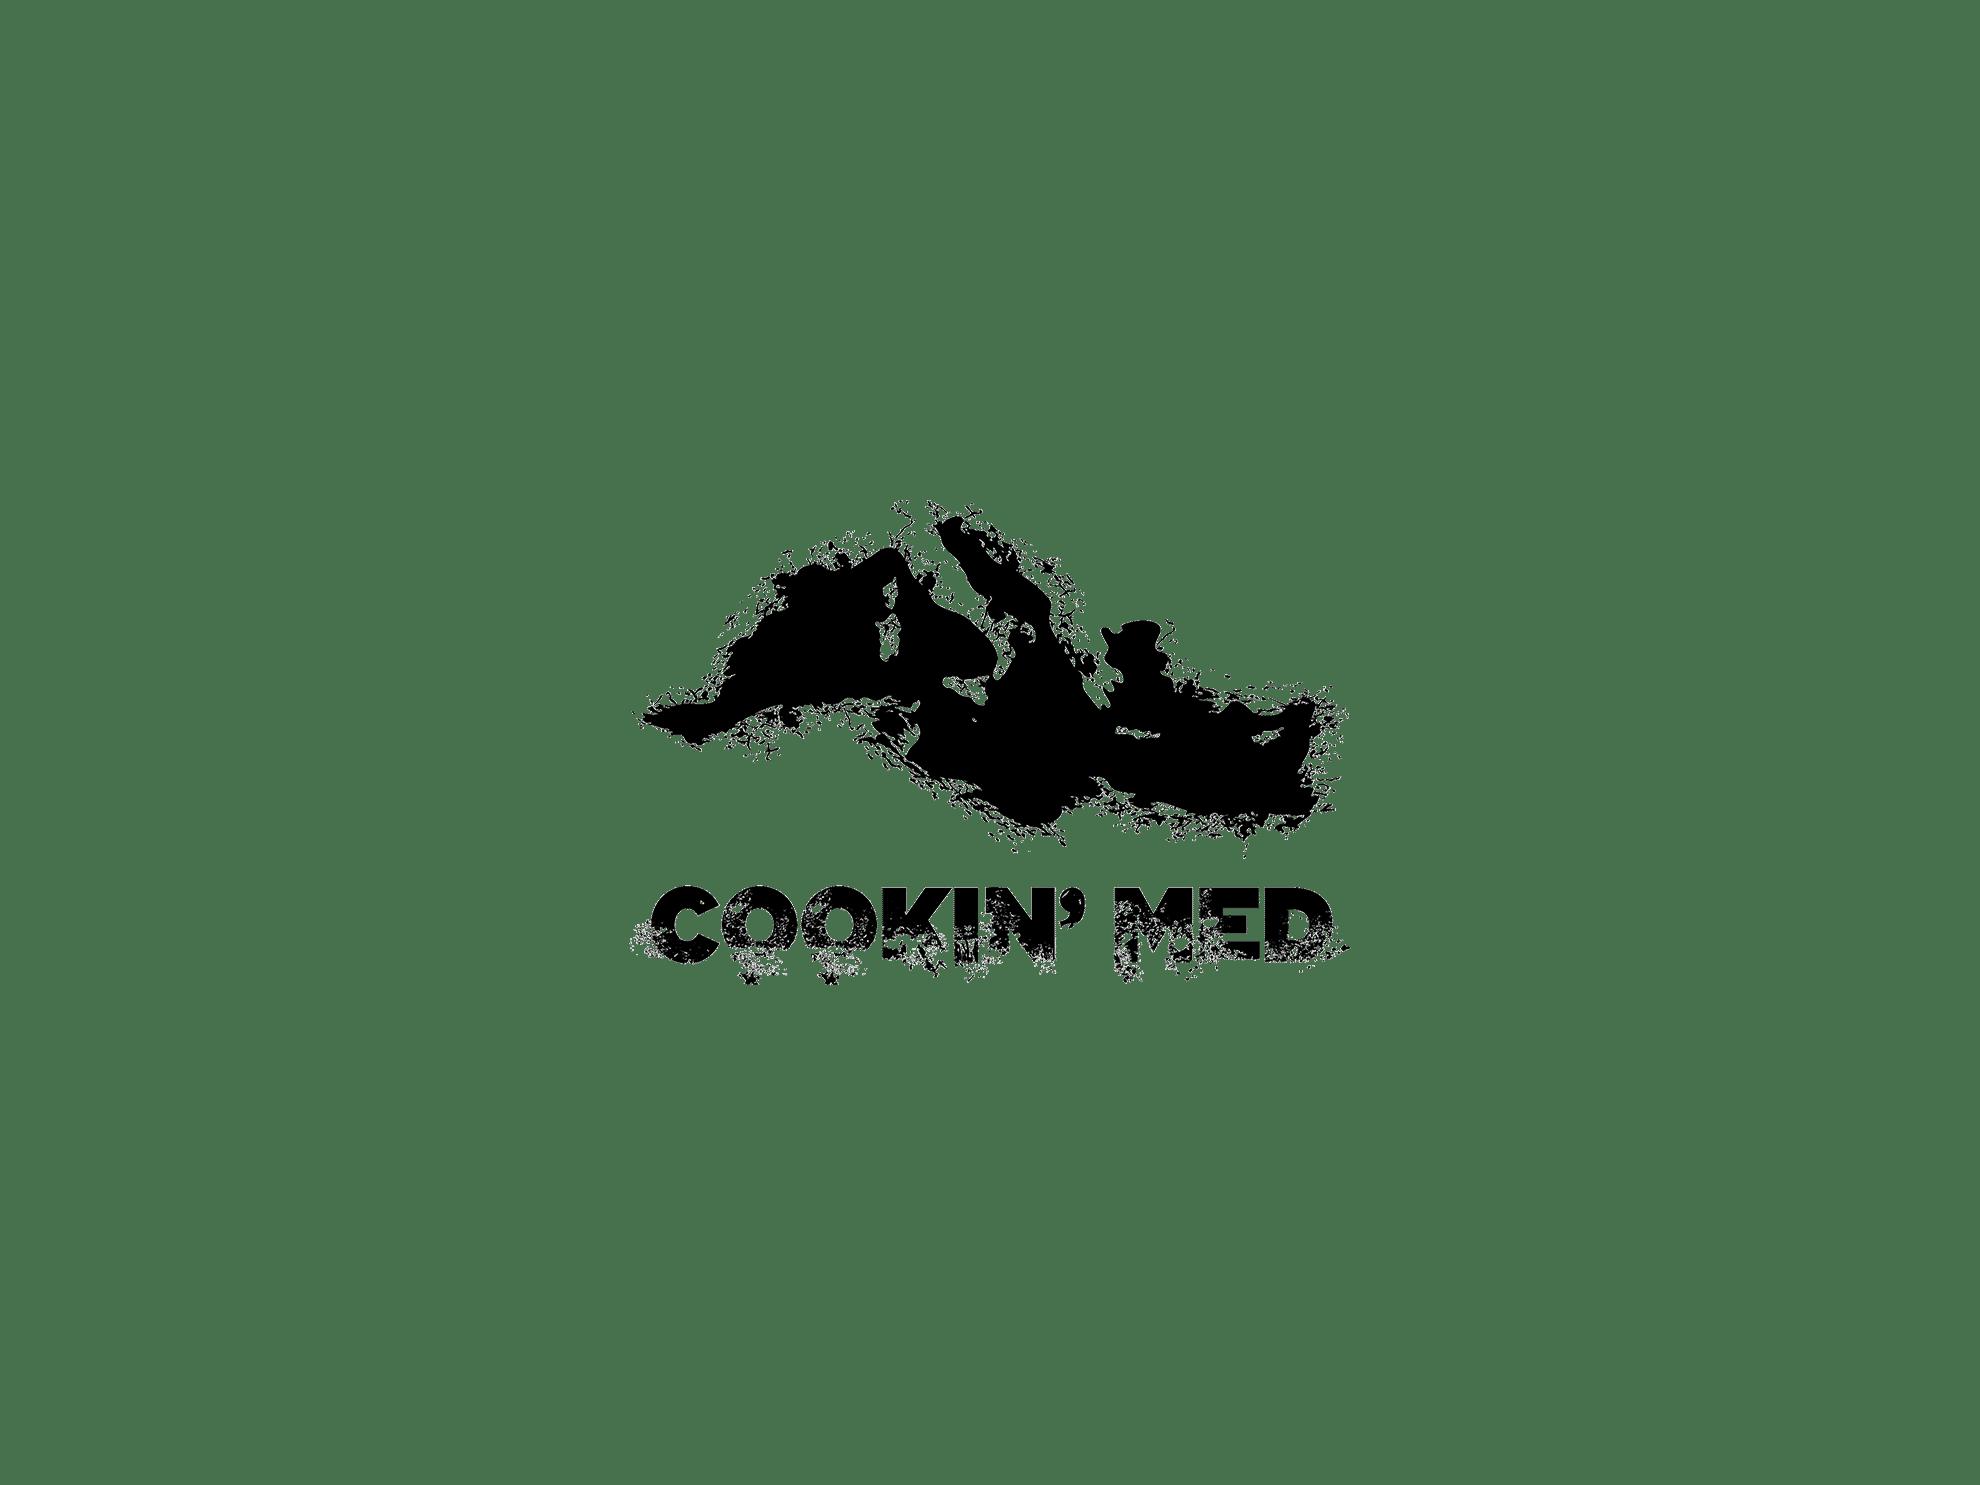 COOKIN MED positivo - piazza - agenzia comunicazione